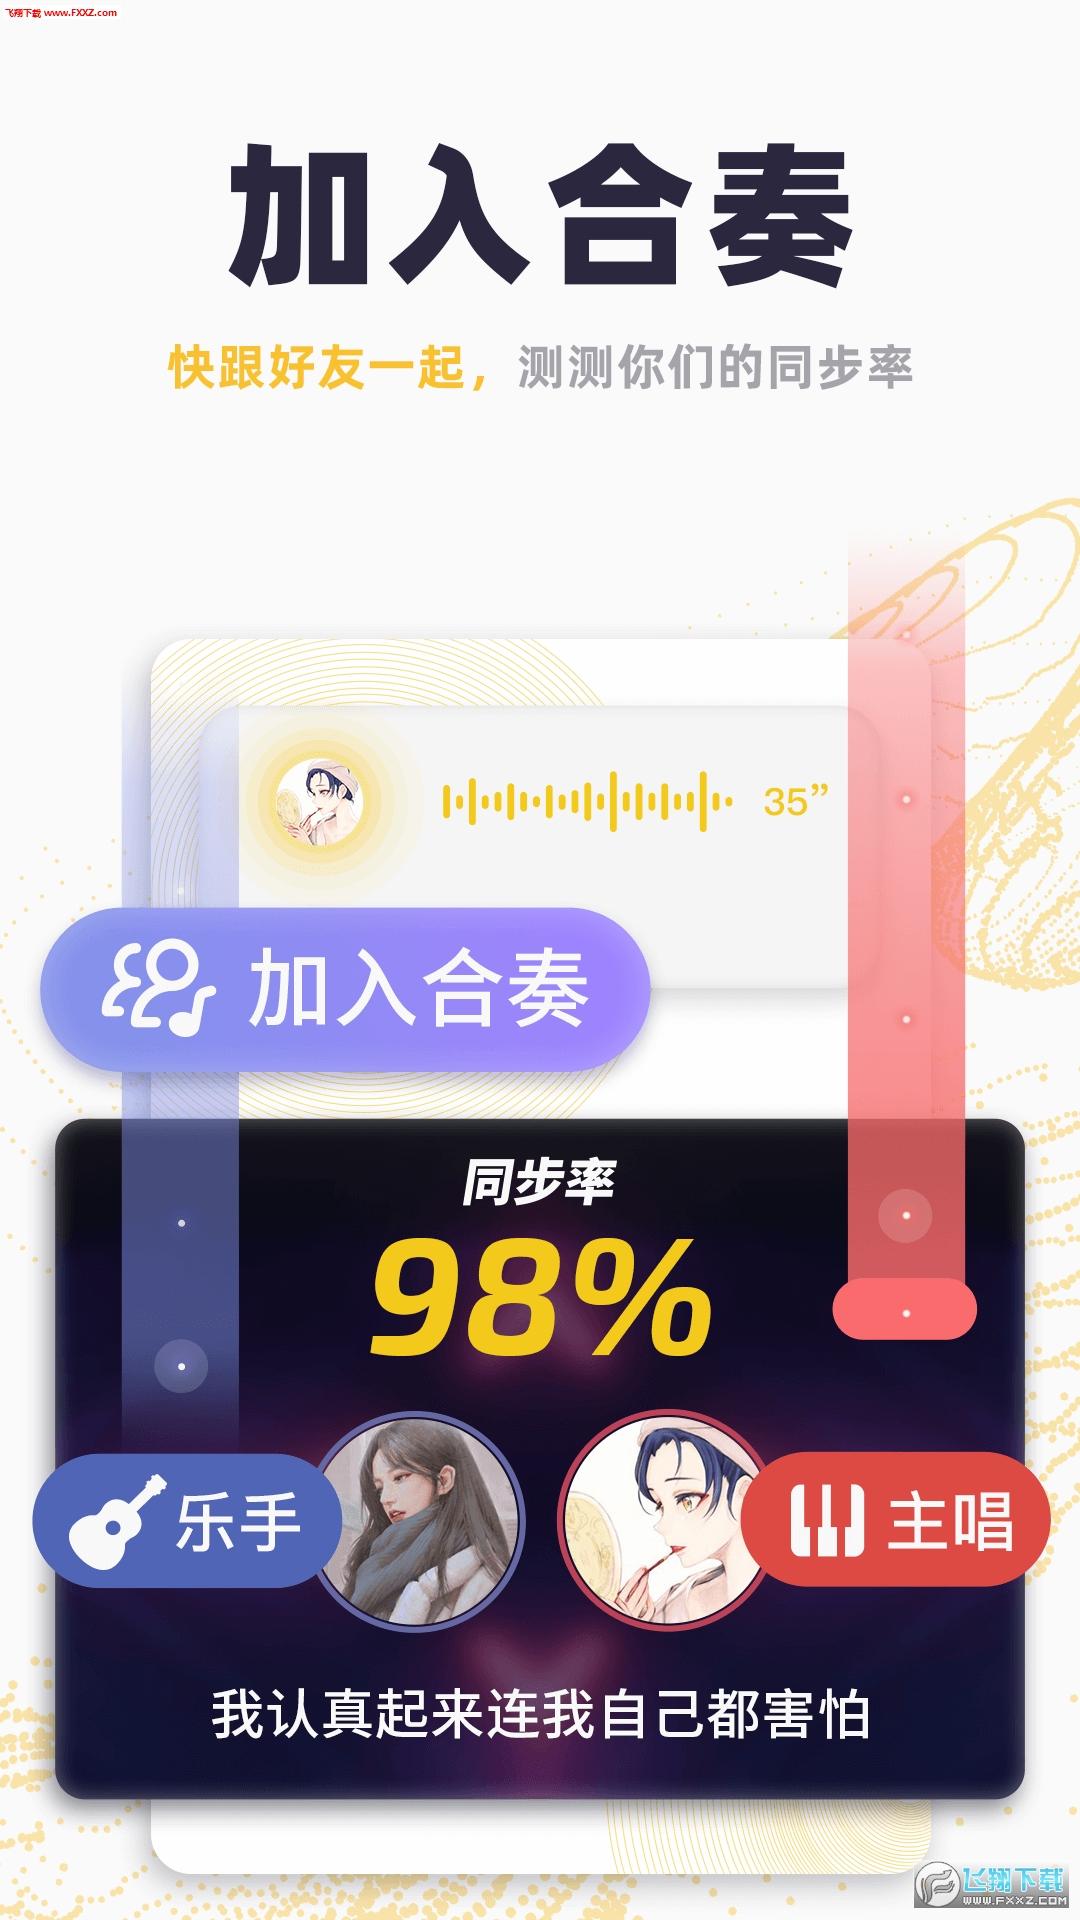 唱鸭弹唱神器app官网版1.22.4.75截图1